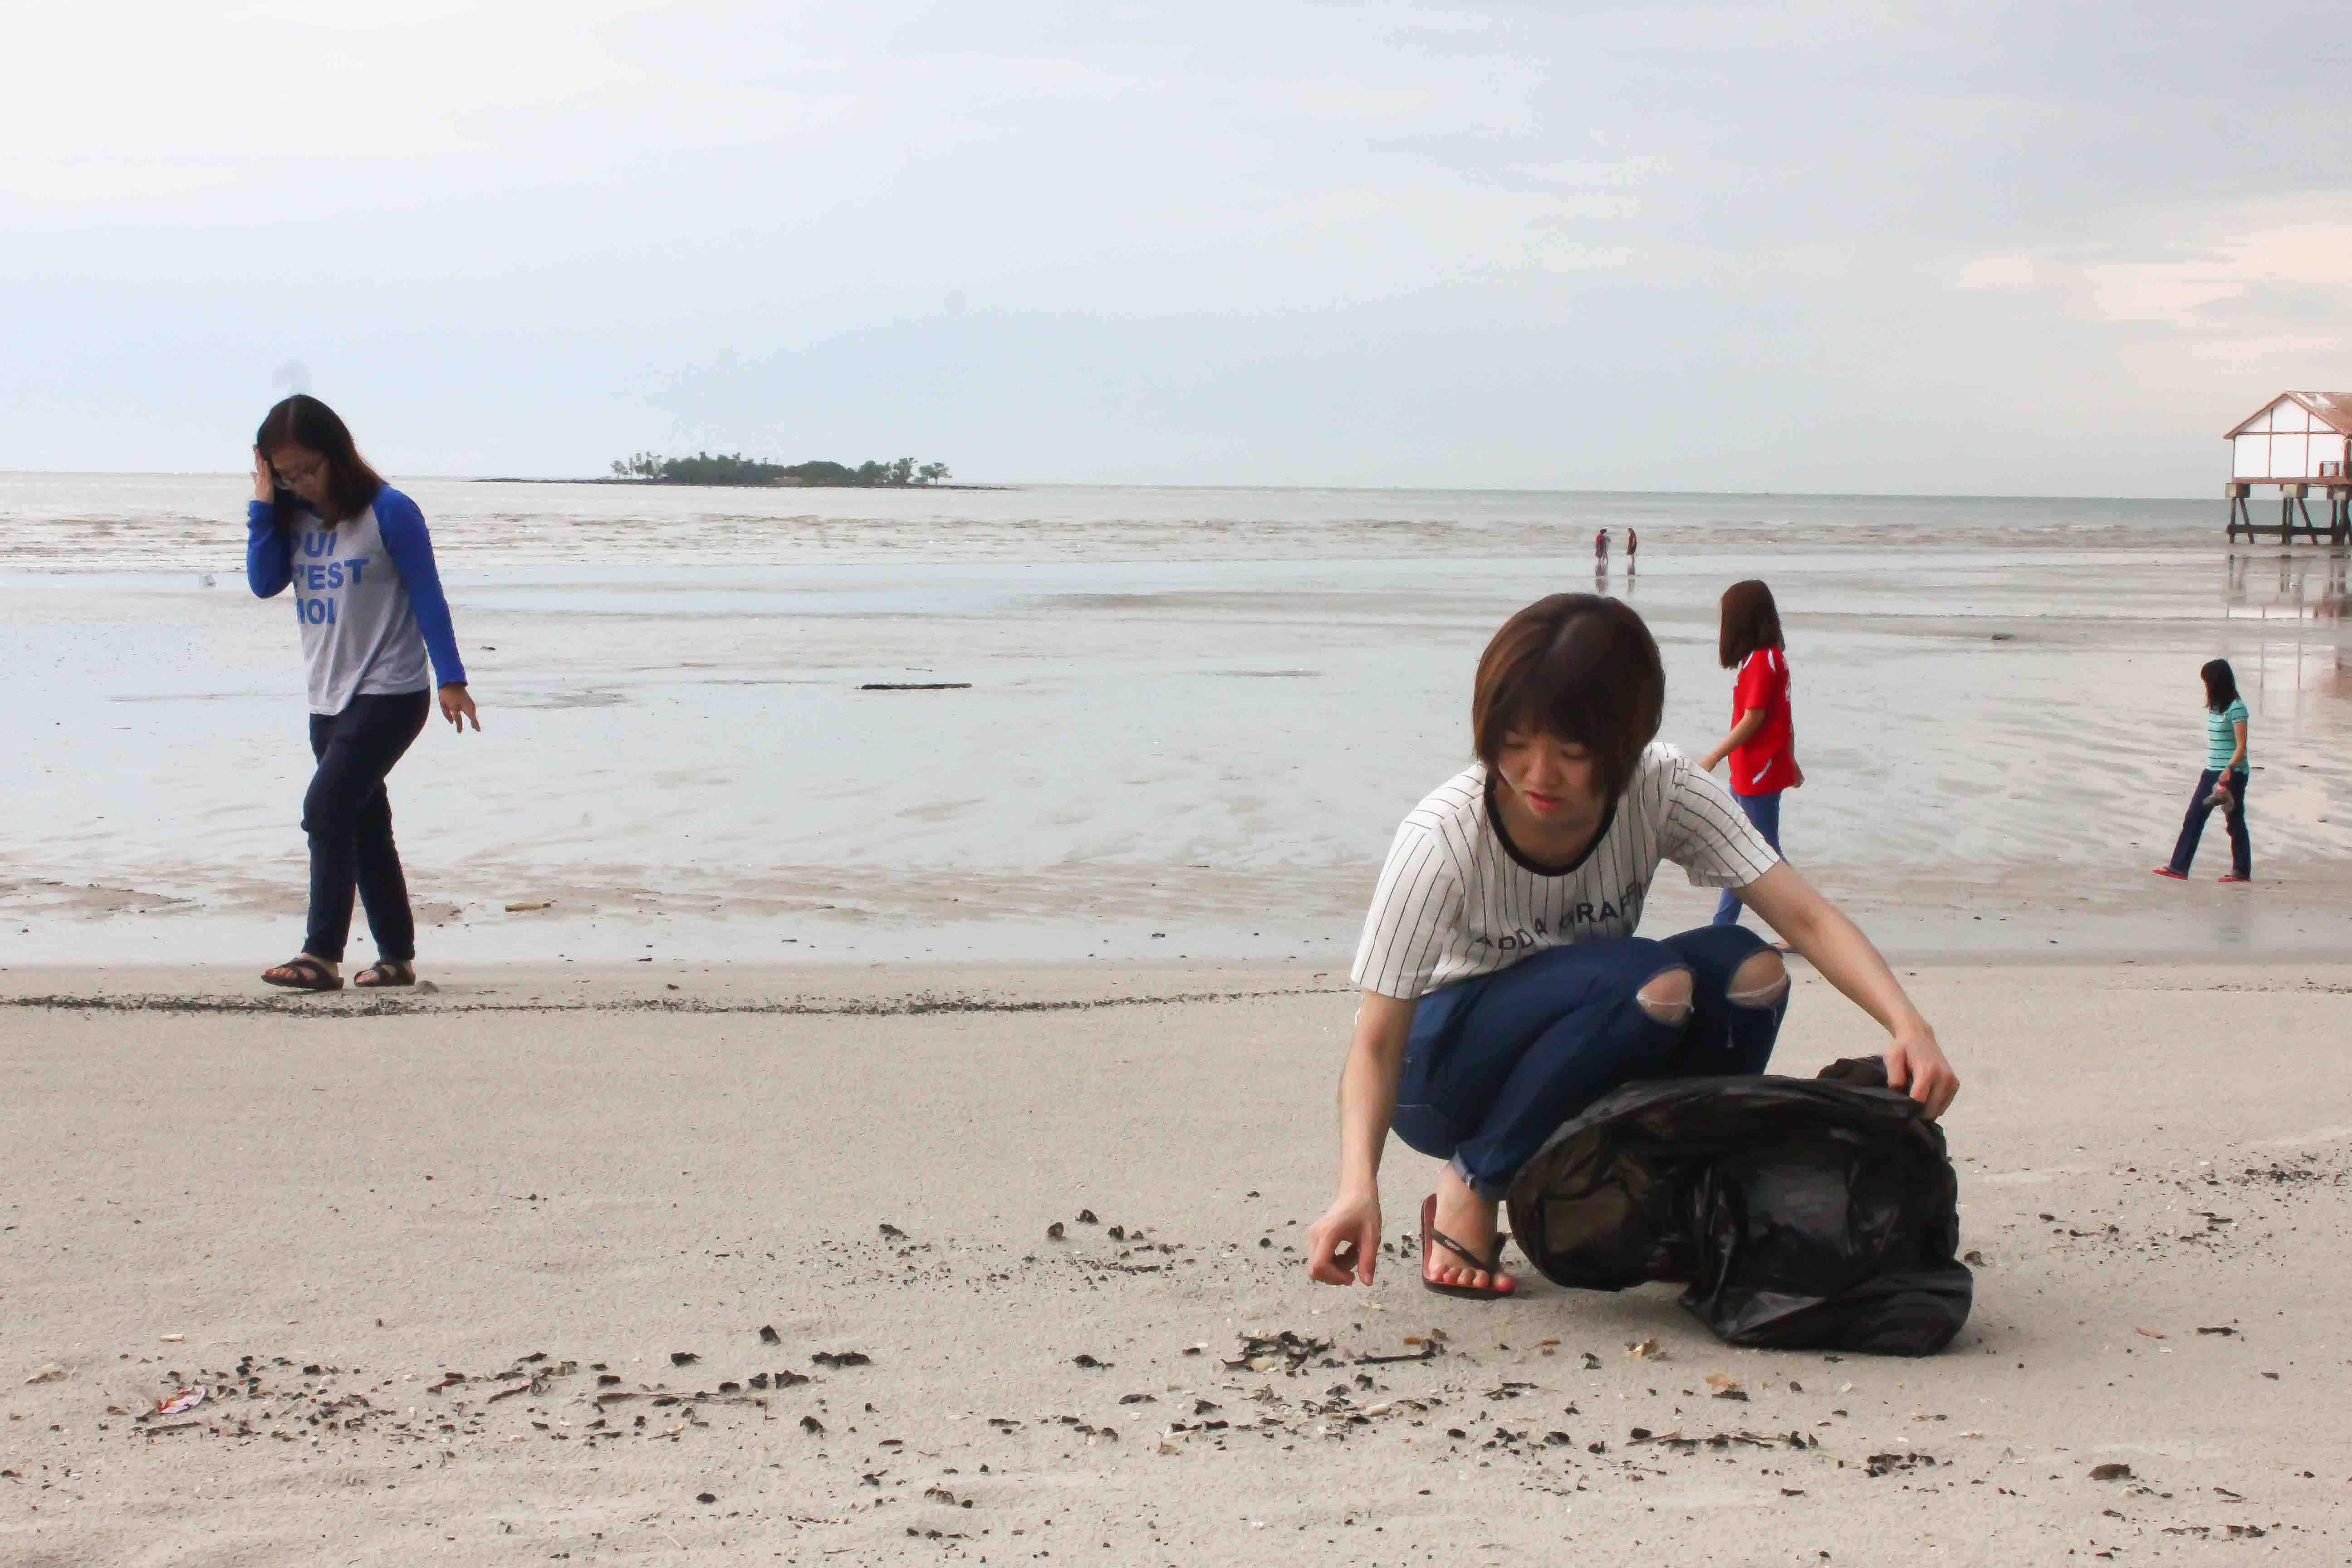 假日清理沙滩不偷懒 大学生用行动「说」我爱国家